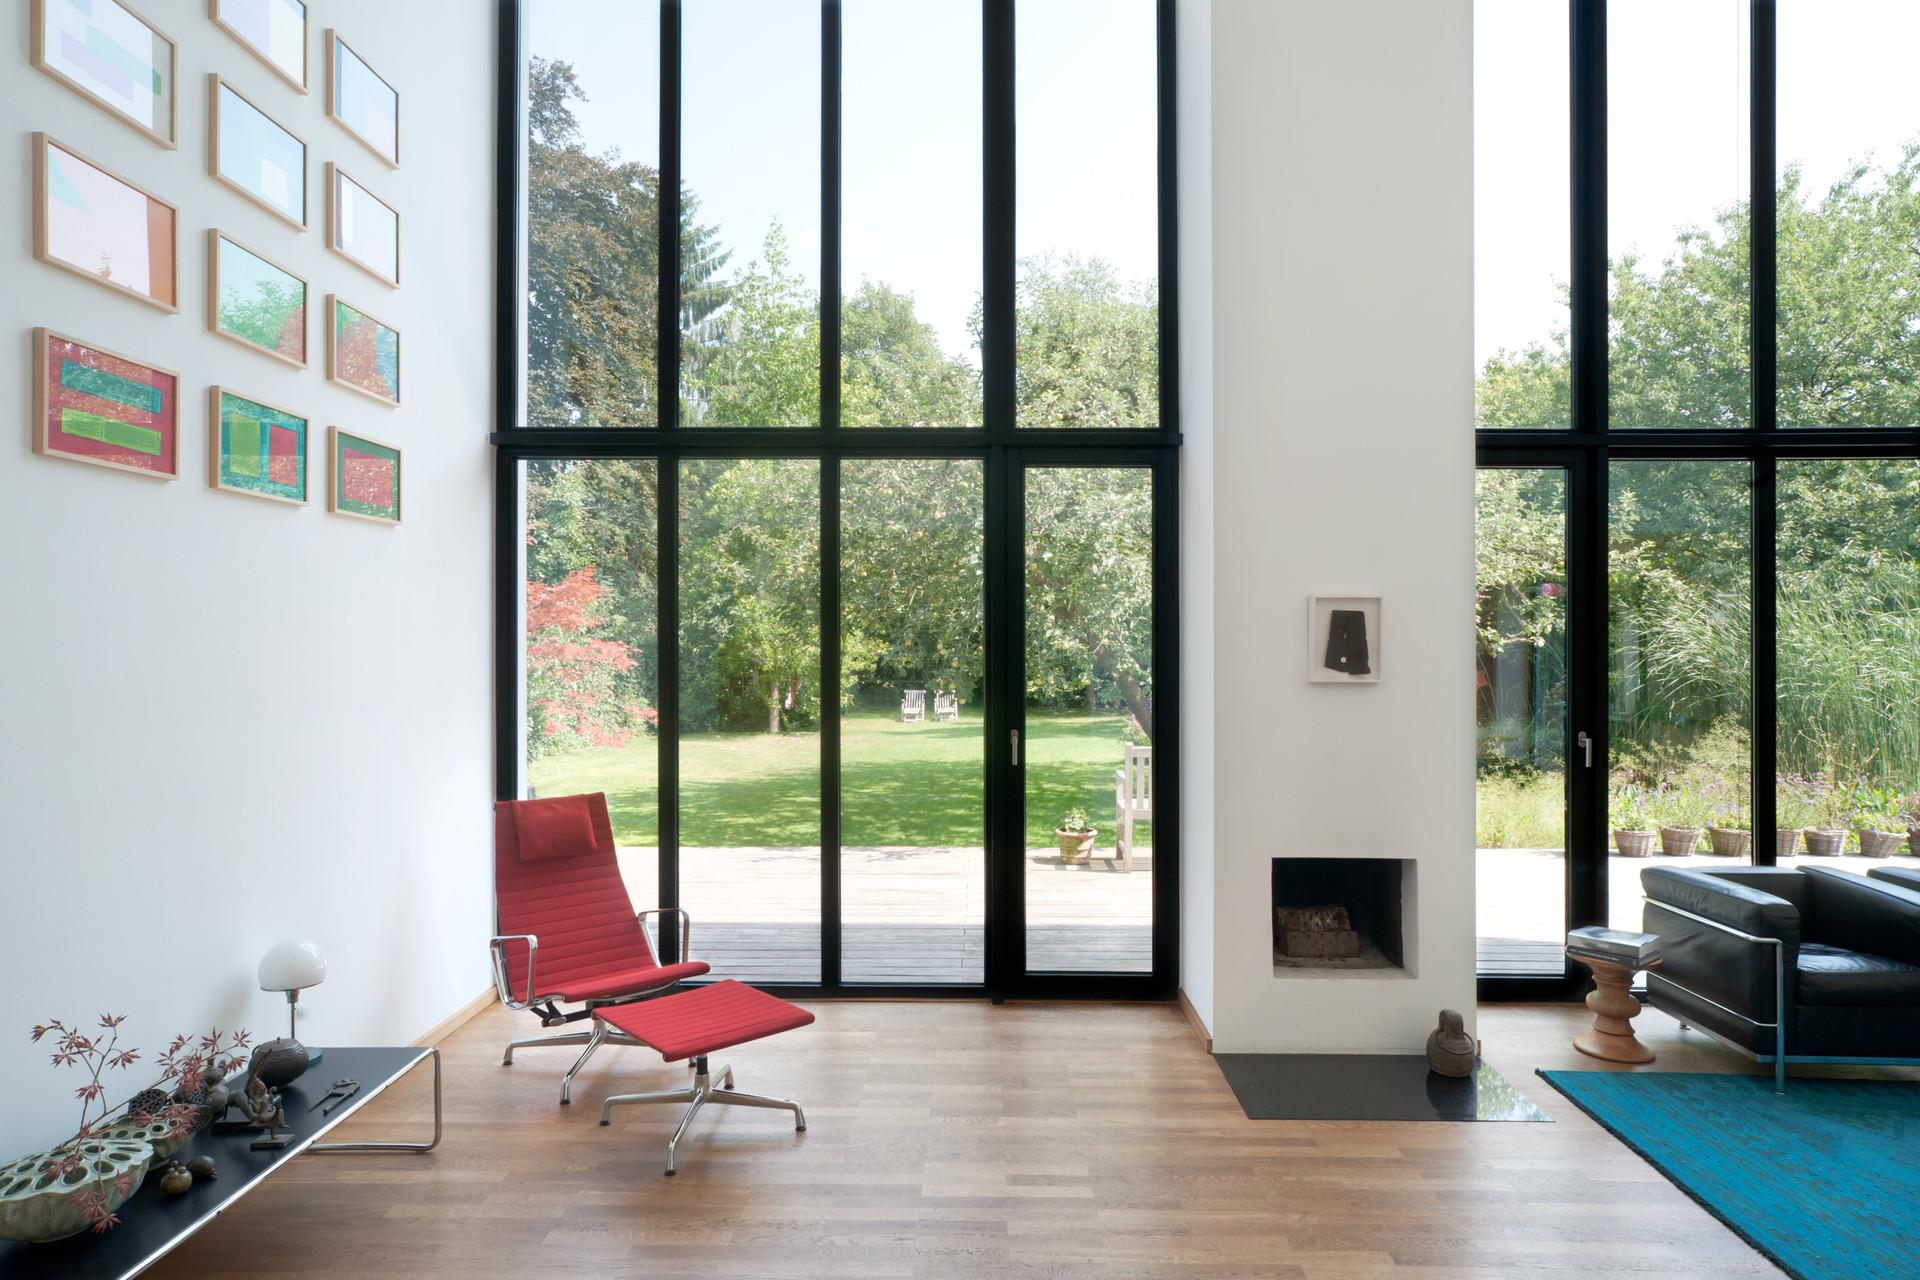 F22a Wohnhaus Interior | Ben Dieckmann architects